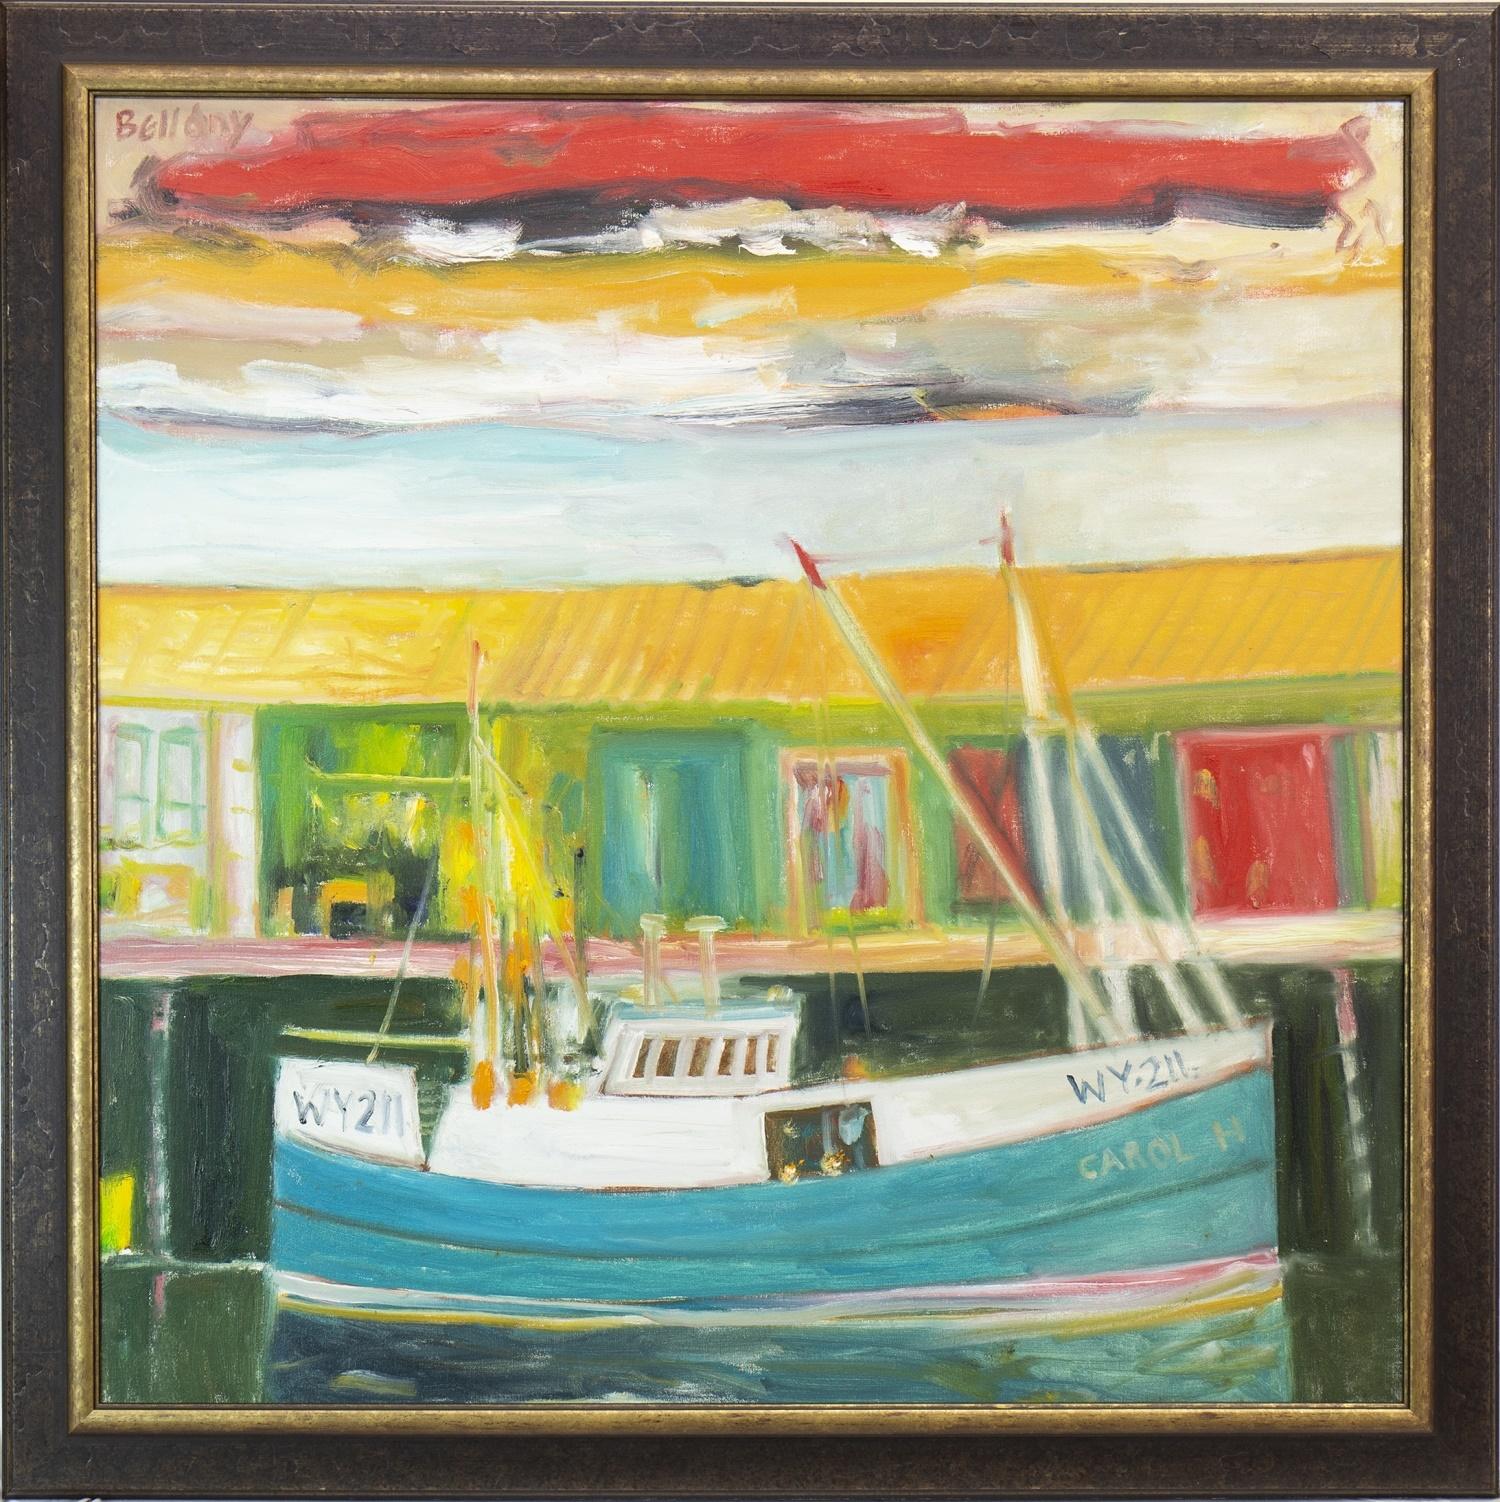 Lot 556 - CAROL, WY211, AN OIL BY JOHN BELLANY